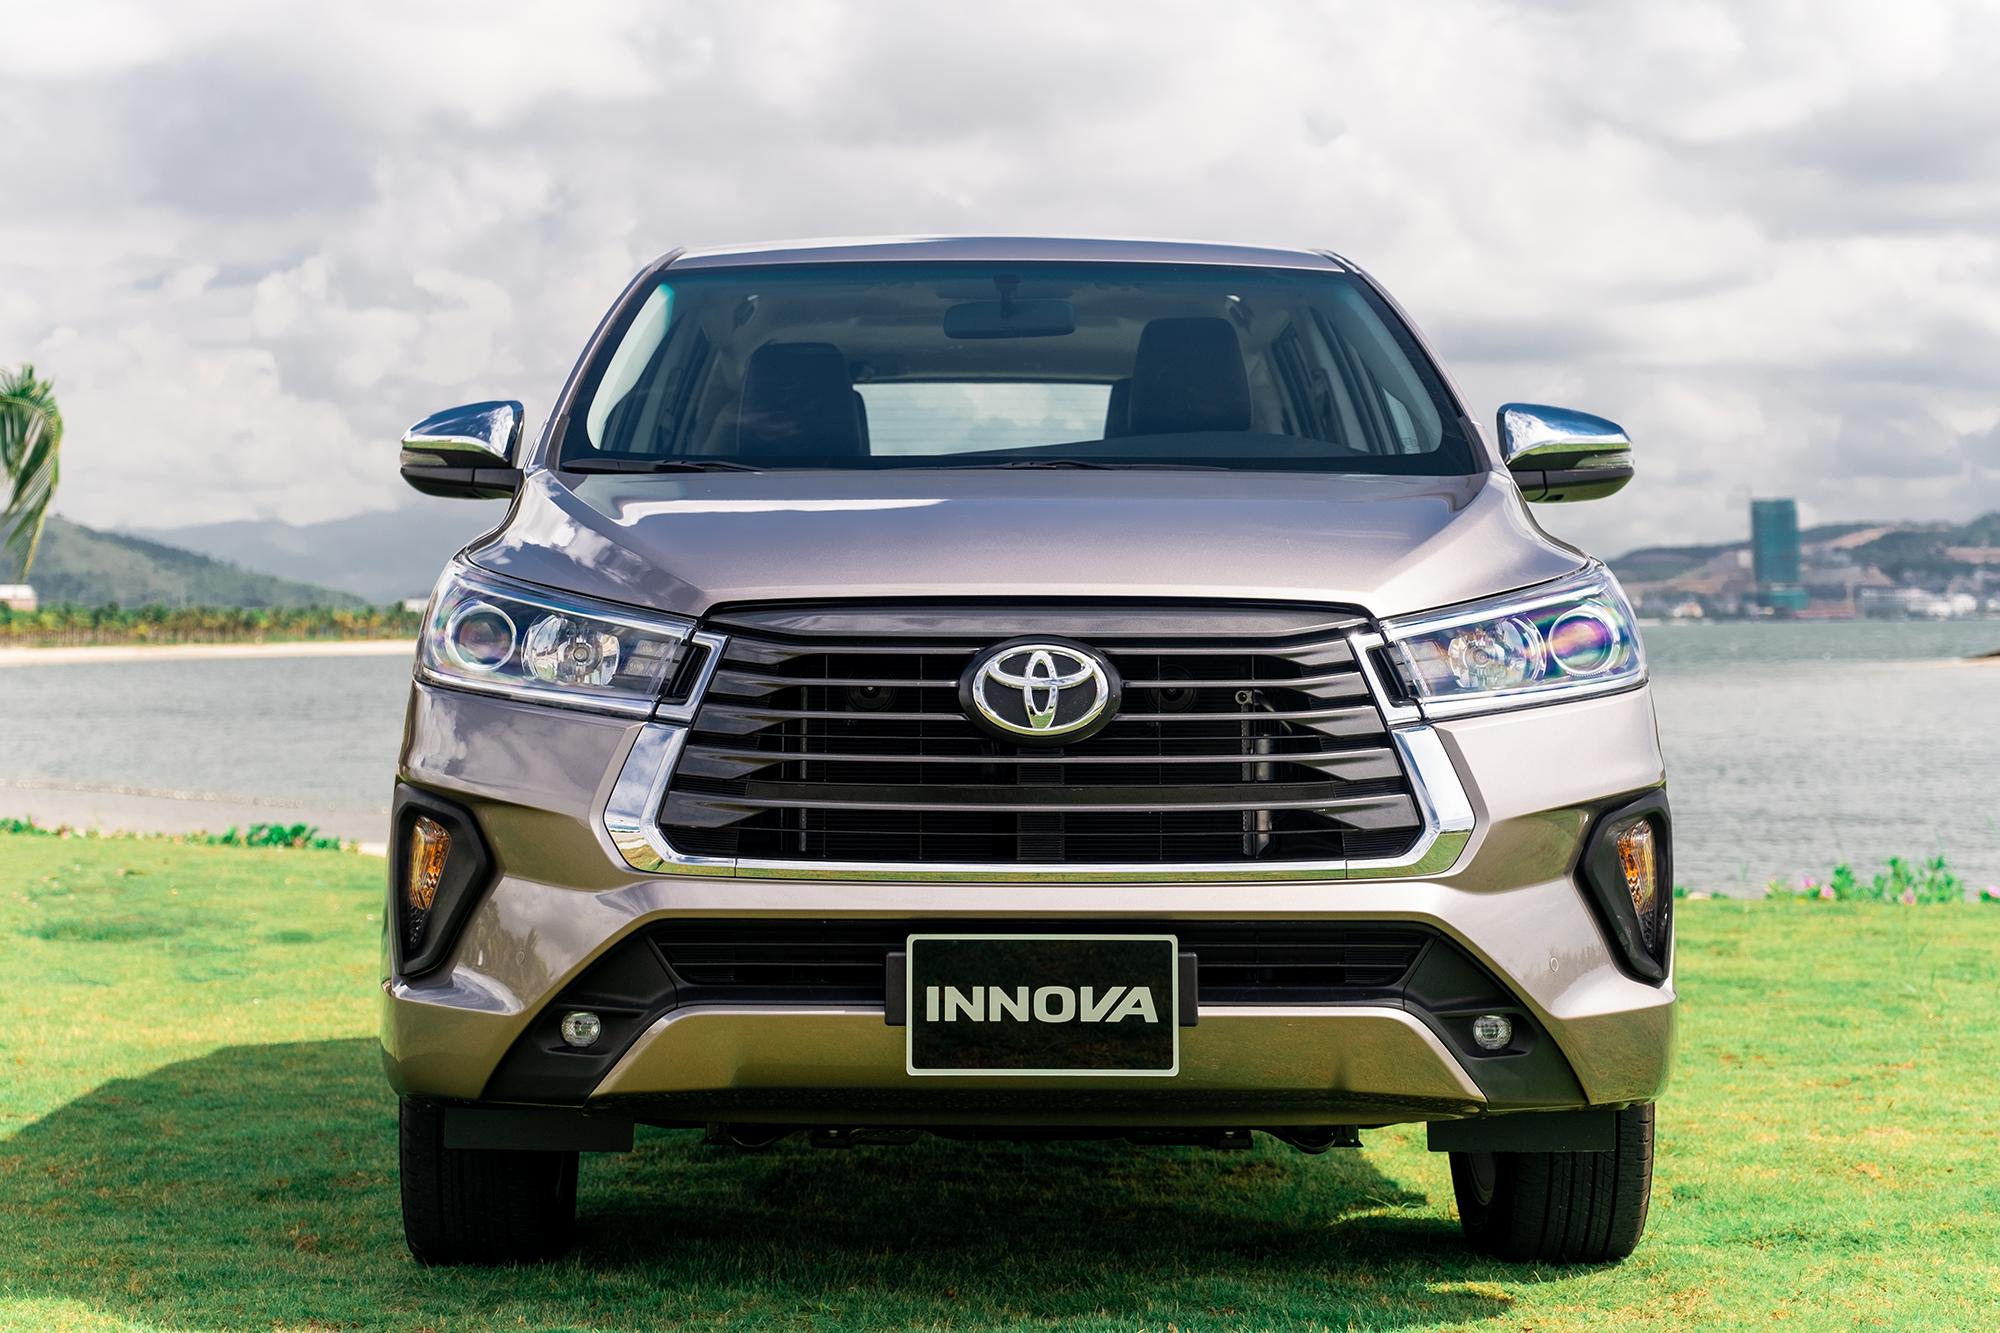 Toyota Innova 2021mang trong mình nhiều trang bị an toàn đạt tiêu chuẩn